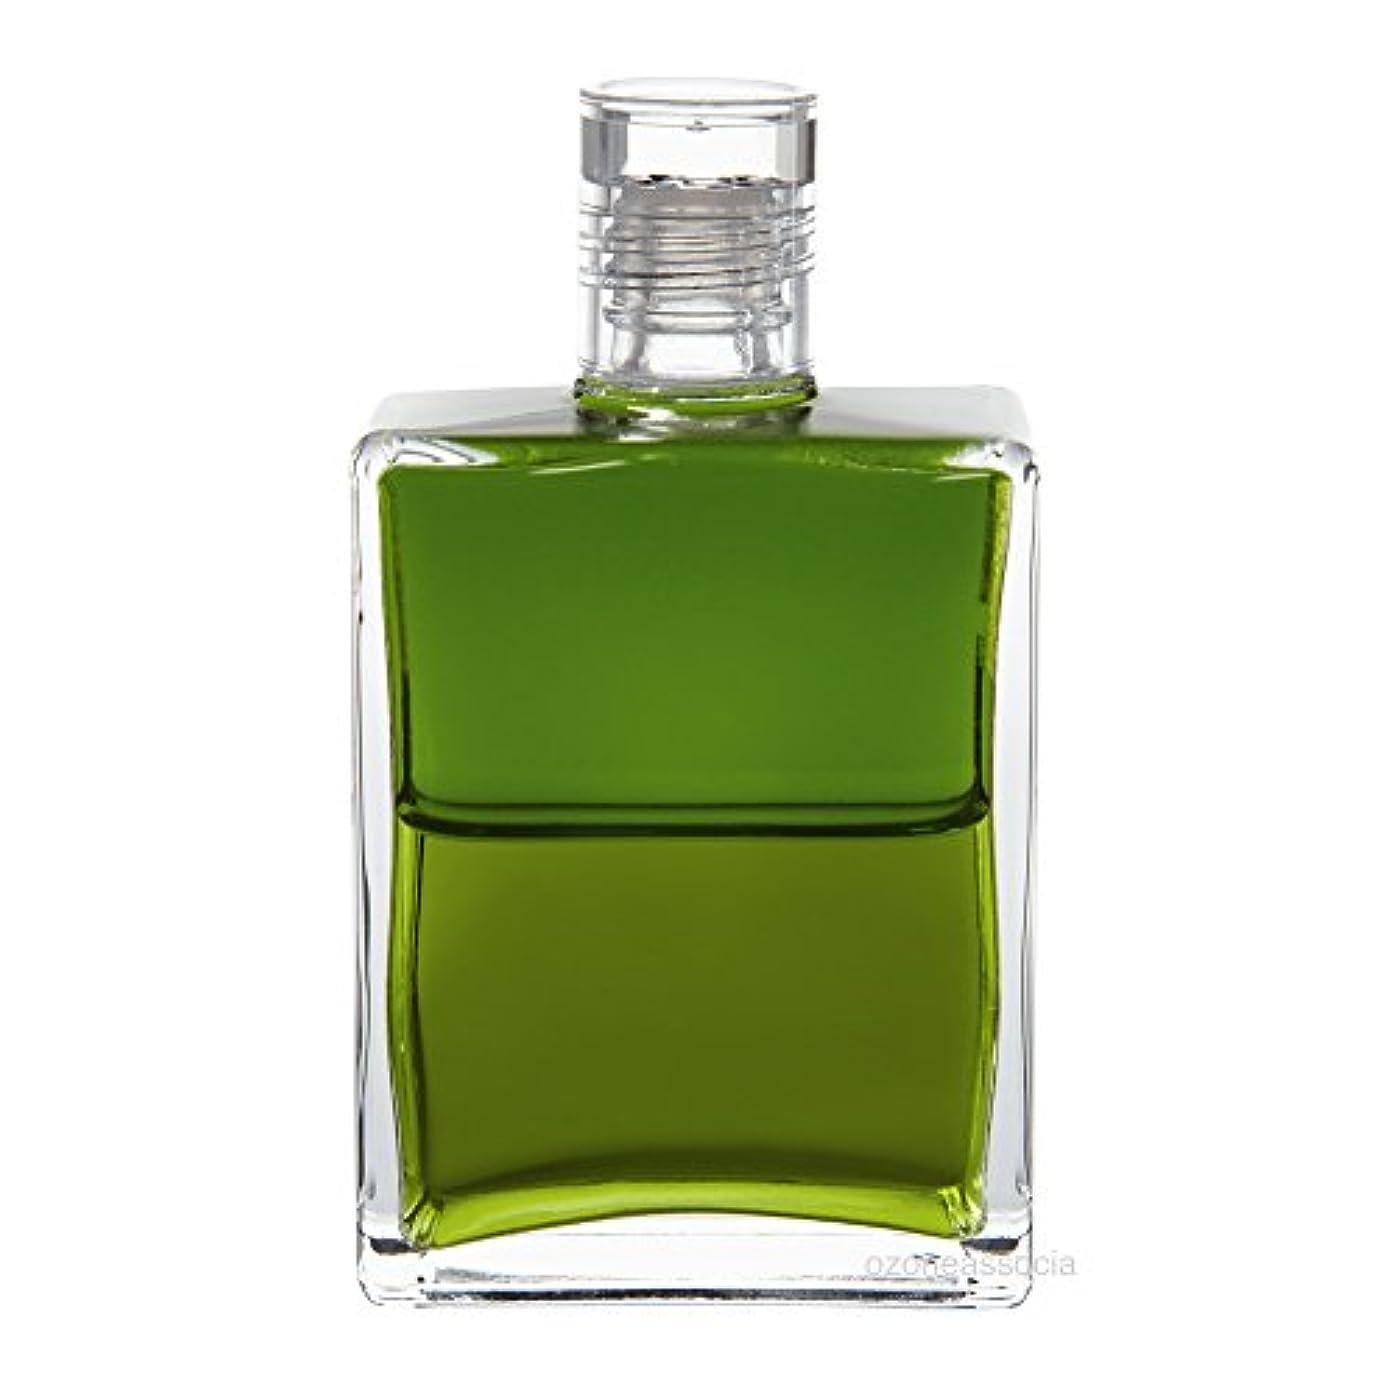 つかいます水差し貴重なオーラソーマ ボトル 91番  ハートのフェミニン?リーダーシップ (オリーブグリーン/オリーブグリーン) イクイリブリアムボトル50ml Aurasoma